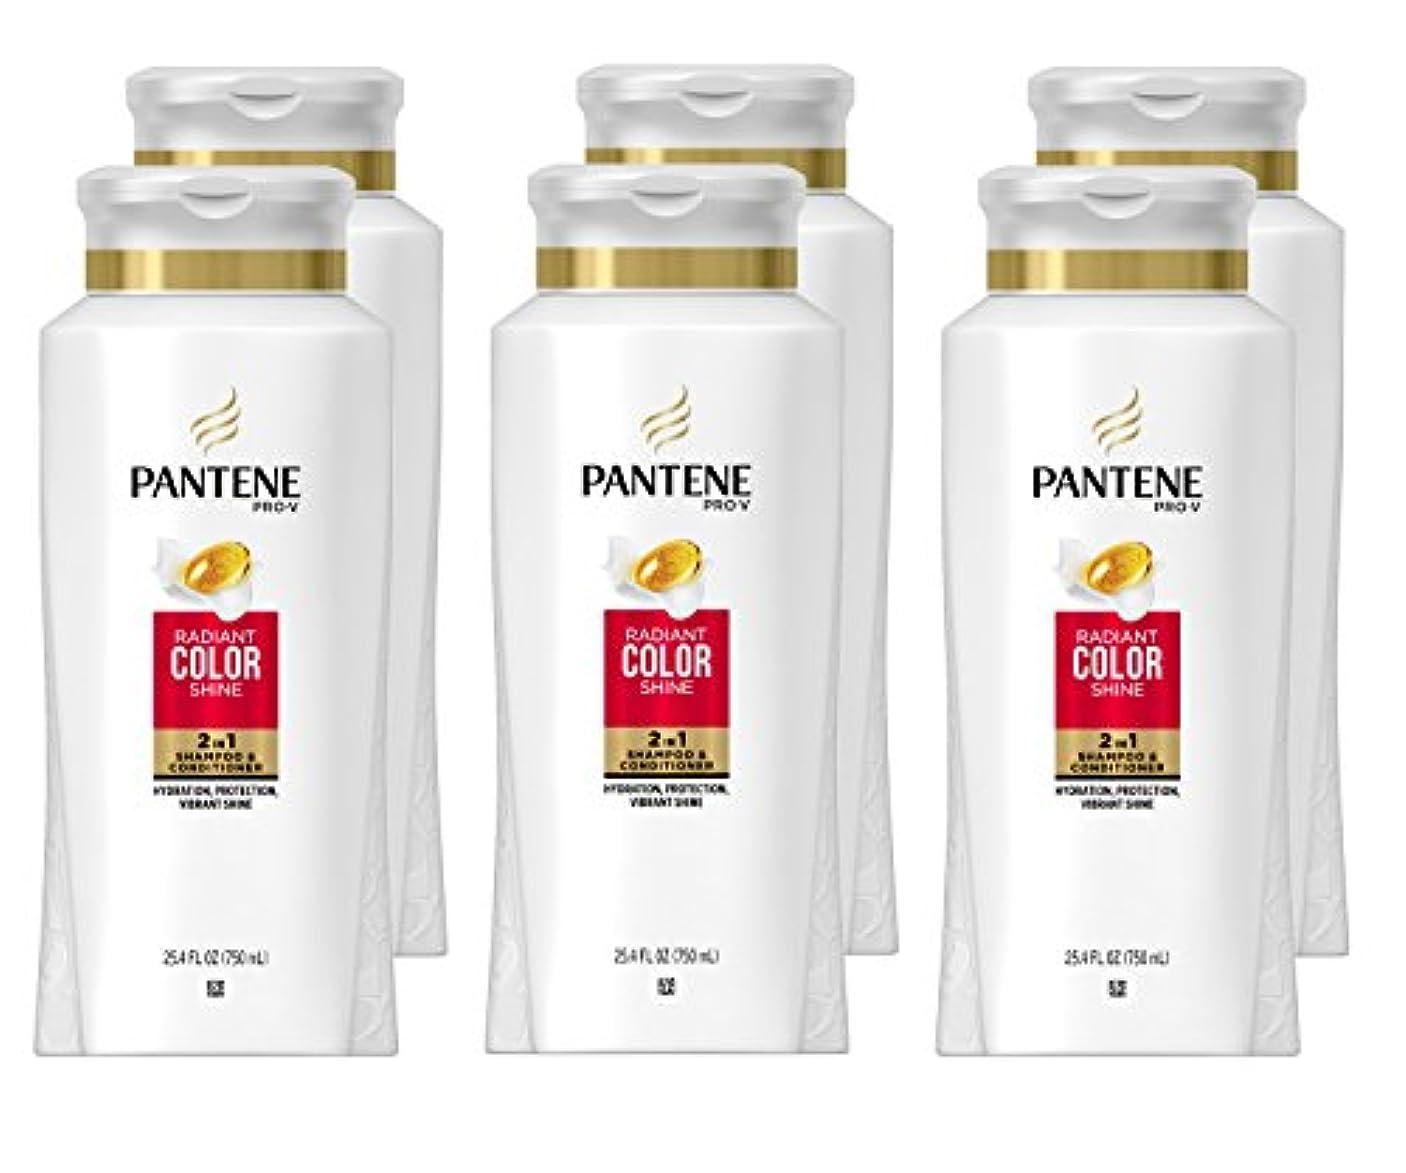 判読できないかまど優しいPantene プロVラディアン色1シャンプー&コンディショナー、25.4液量オンスで磨き2(6パック)(梱包異なる場合があります)